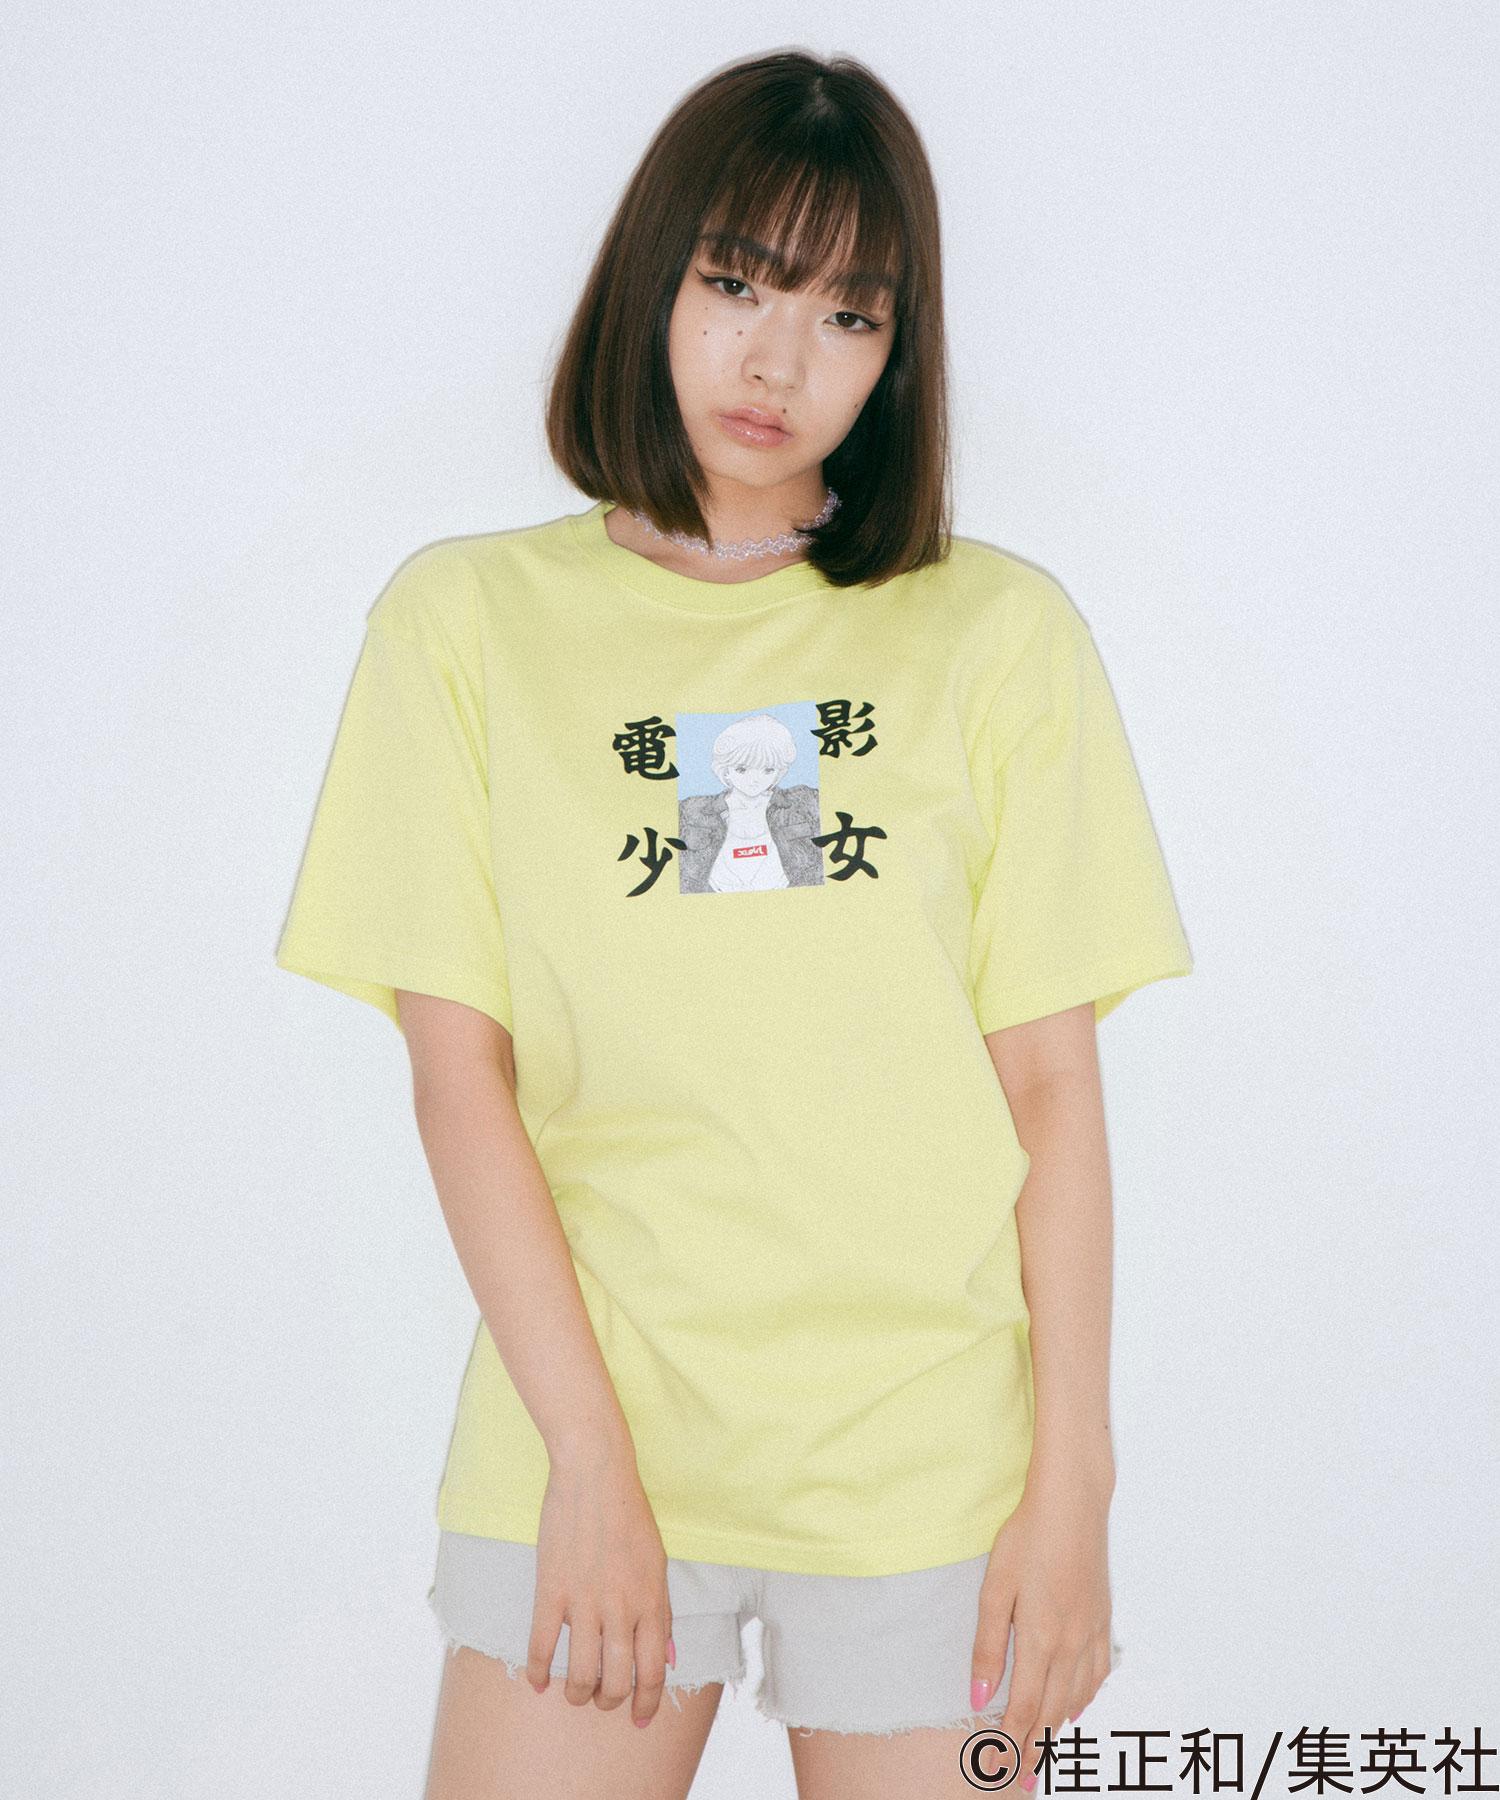 【公式】X-girlエックスガールX-girl×KATSURAMASAKAZUDENEISYOJYOS/STEETシャツトップスプリントロゴショートスリーブコラボ